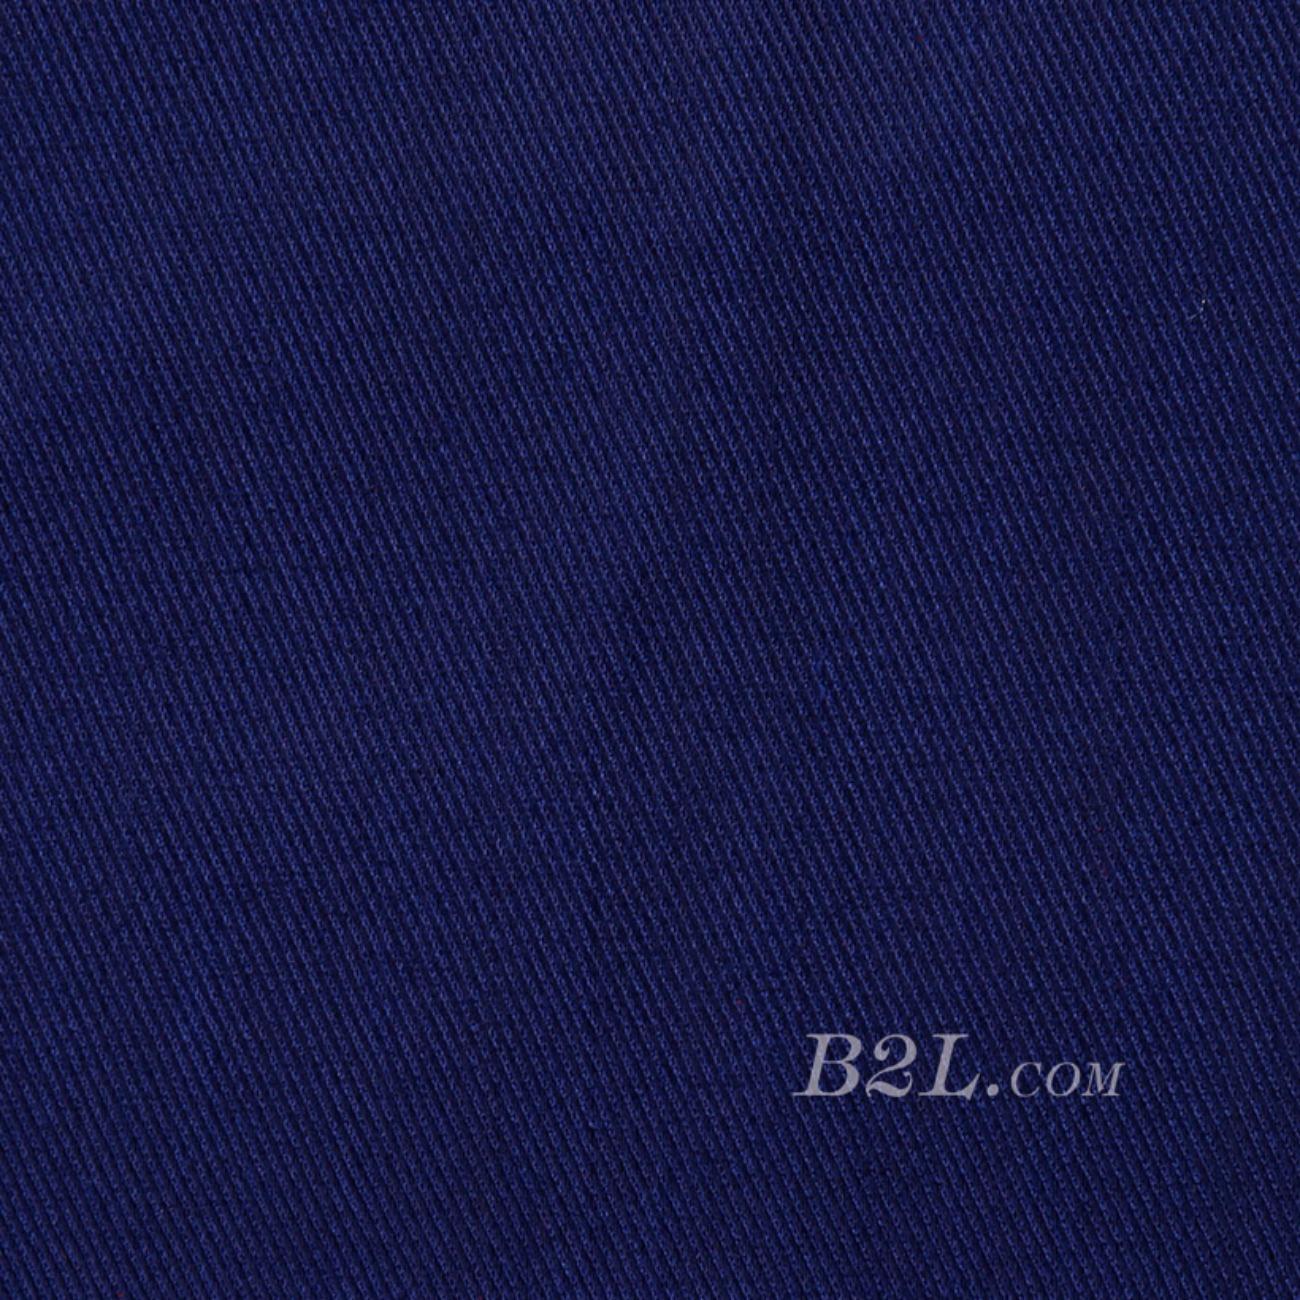 现货 素色喷水梭织染色工装制服工作服 保安服装面料 TC涤棉 70911-9